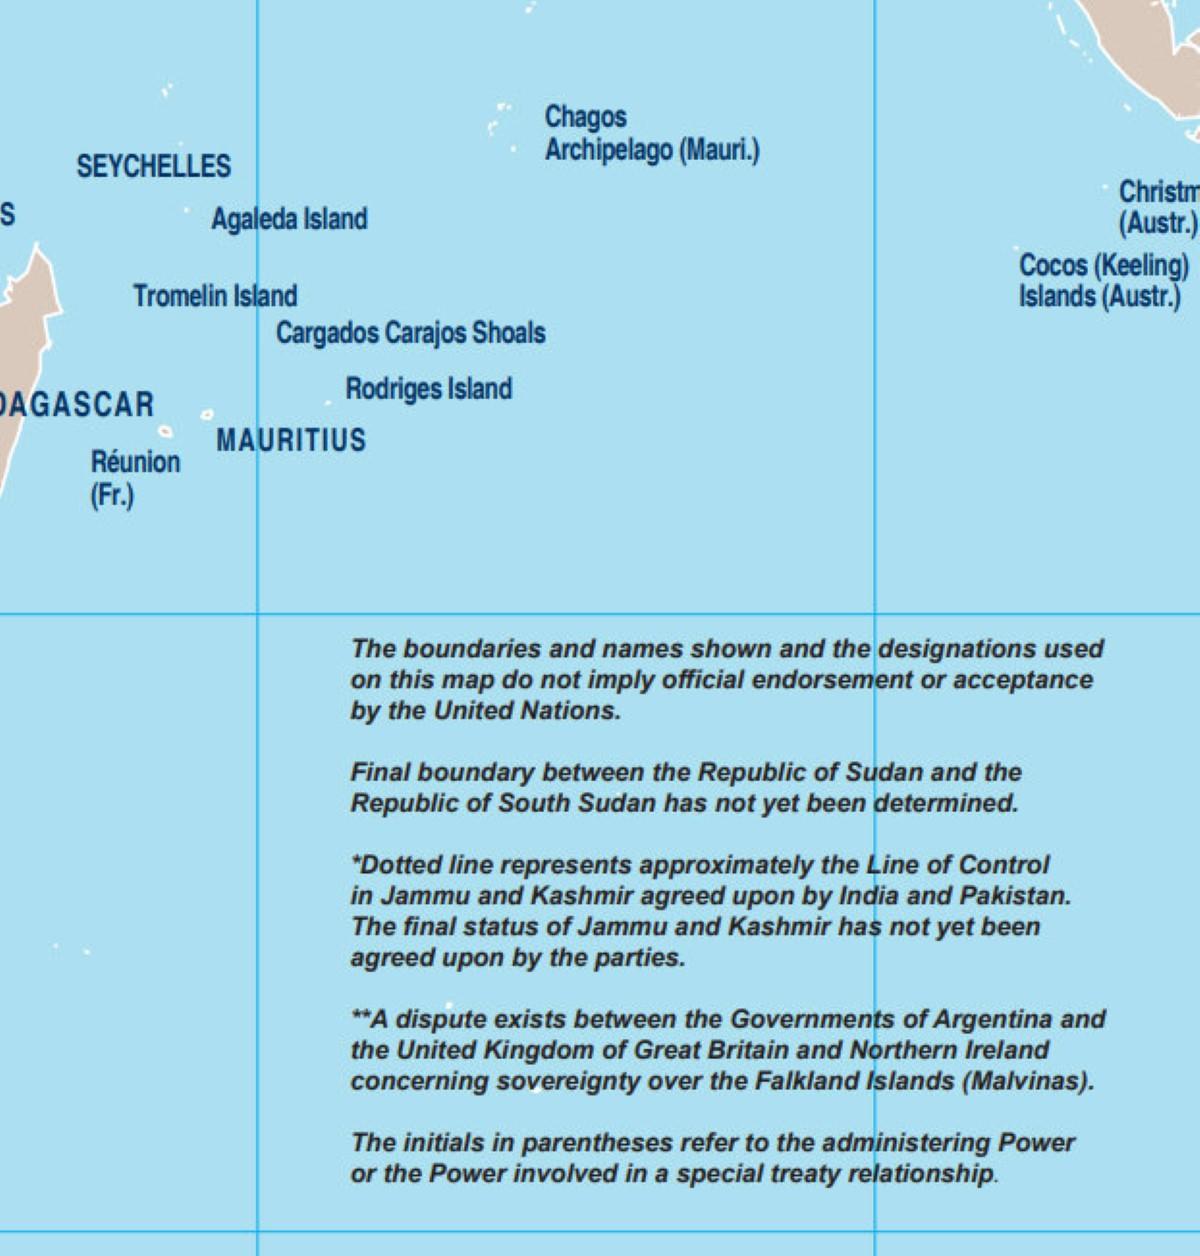 Les Chagos comme territoire mauricien sur la mappemonde  : Bancoult se réjouit